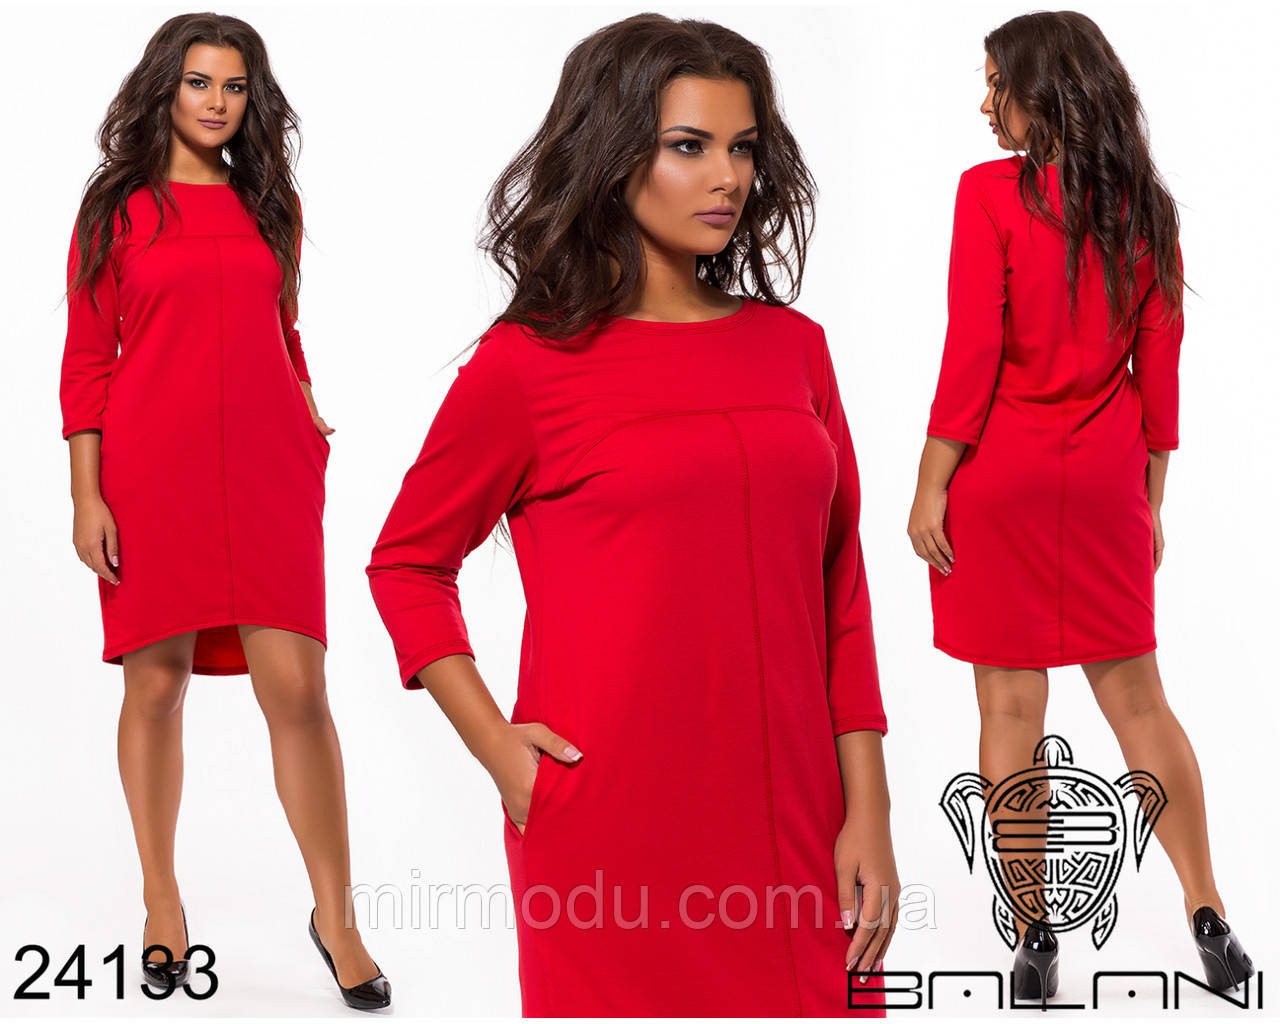 Платье - 24133 с 48 по 52  размер (бн)